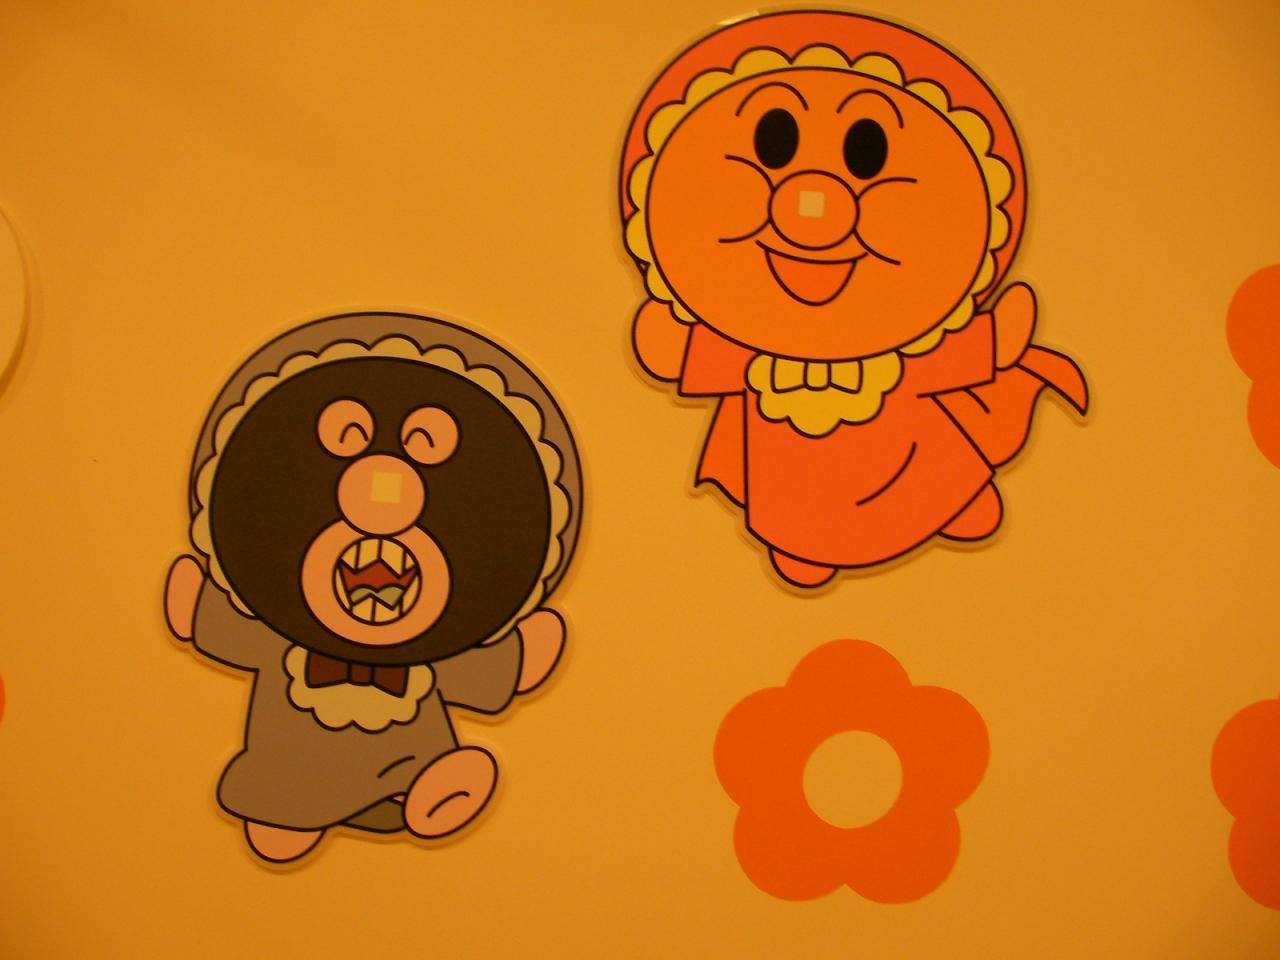 赤ちゃん時代のバイキンマンとアンパンマンもいます。